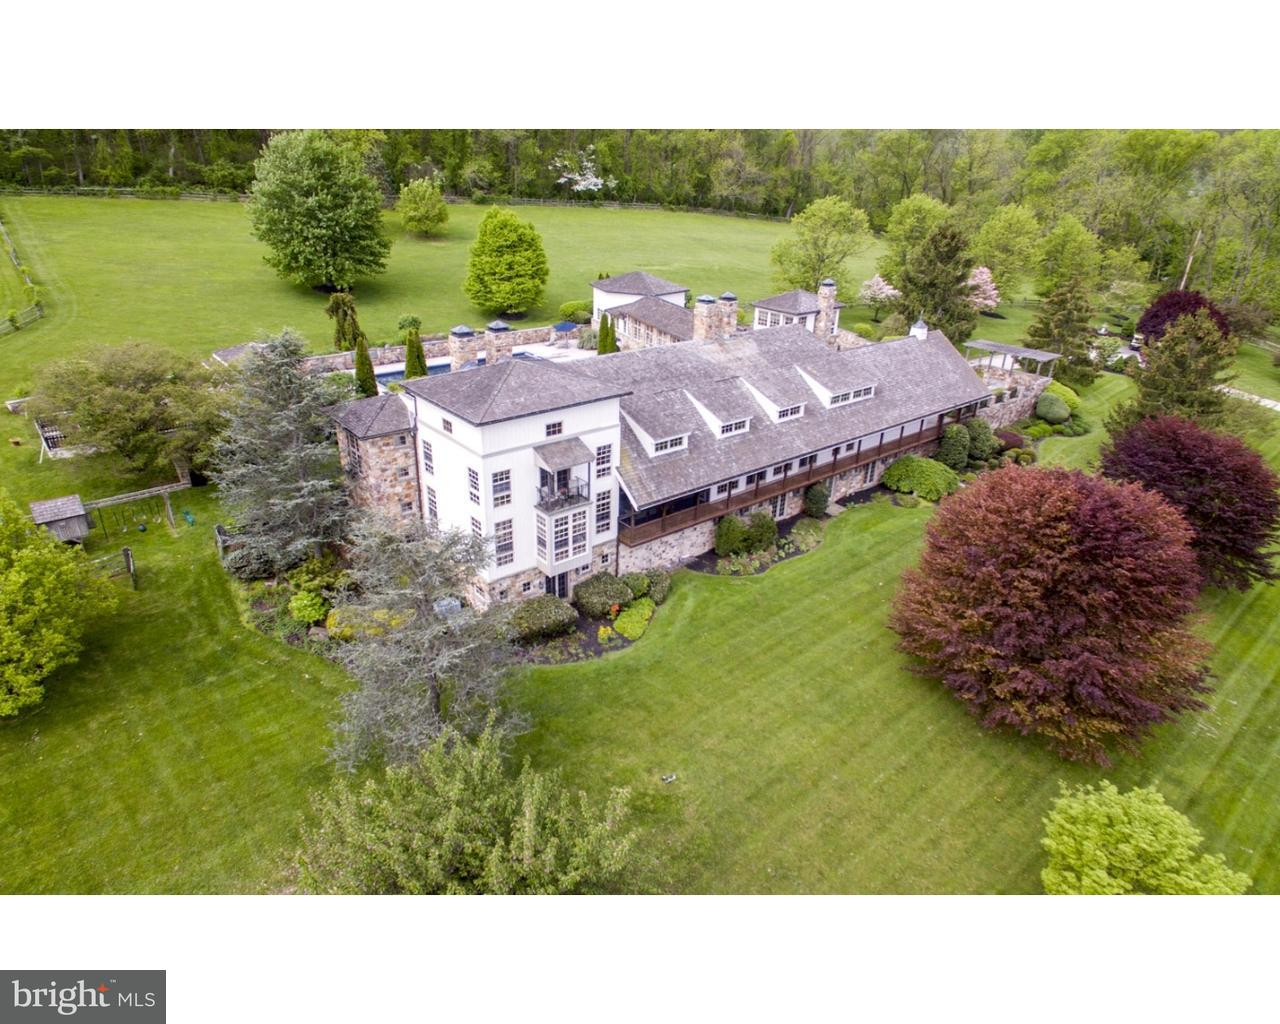 独户住宅 为 销售 在 1400 PRIZER Road 切斯特斯普林斯, 宾夕法尼亚州 19465 美国